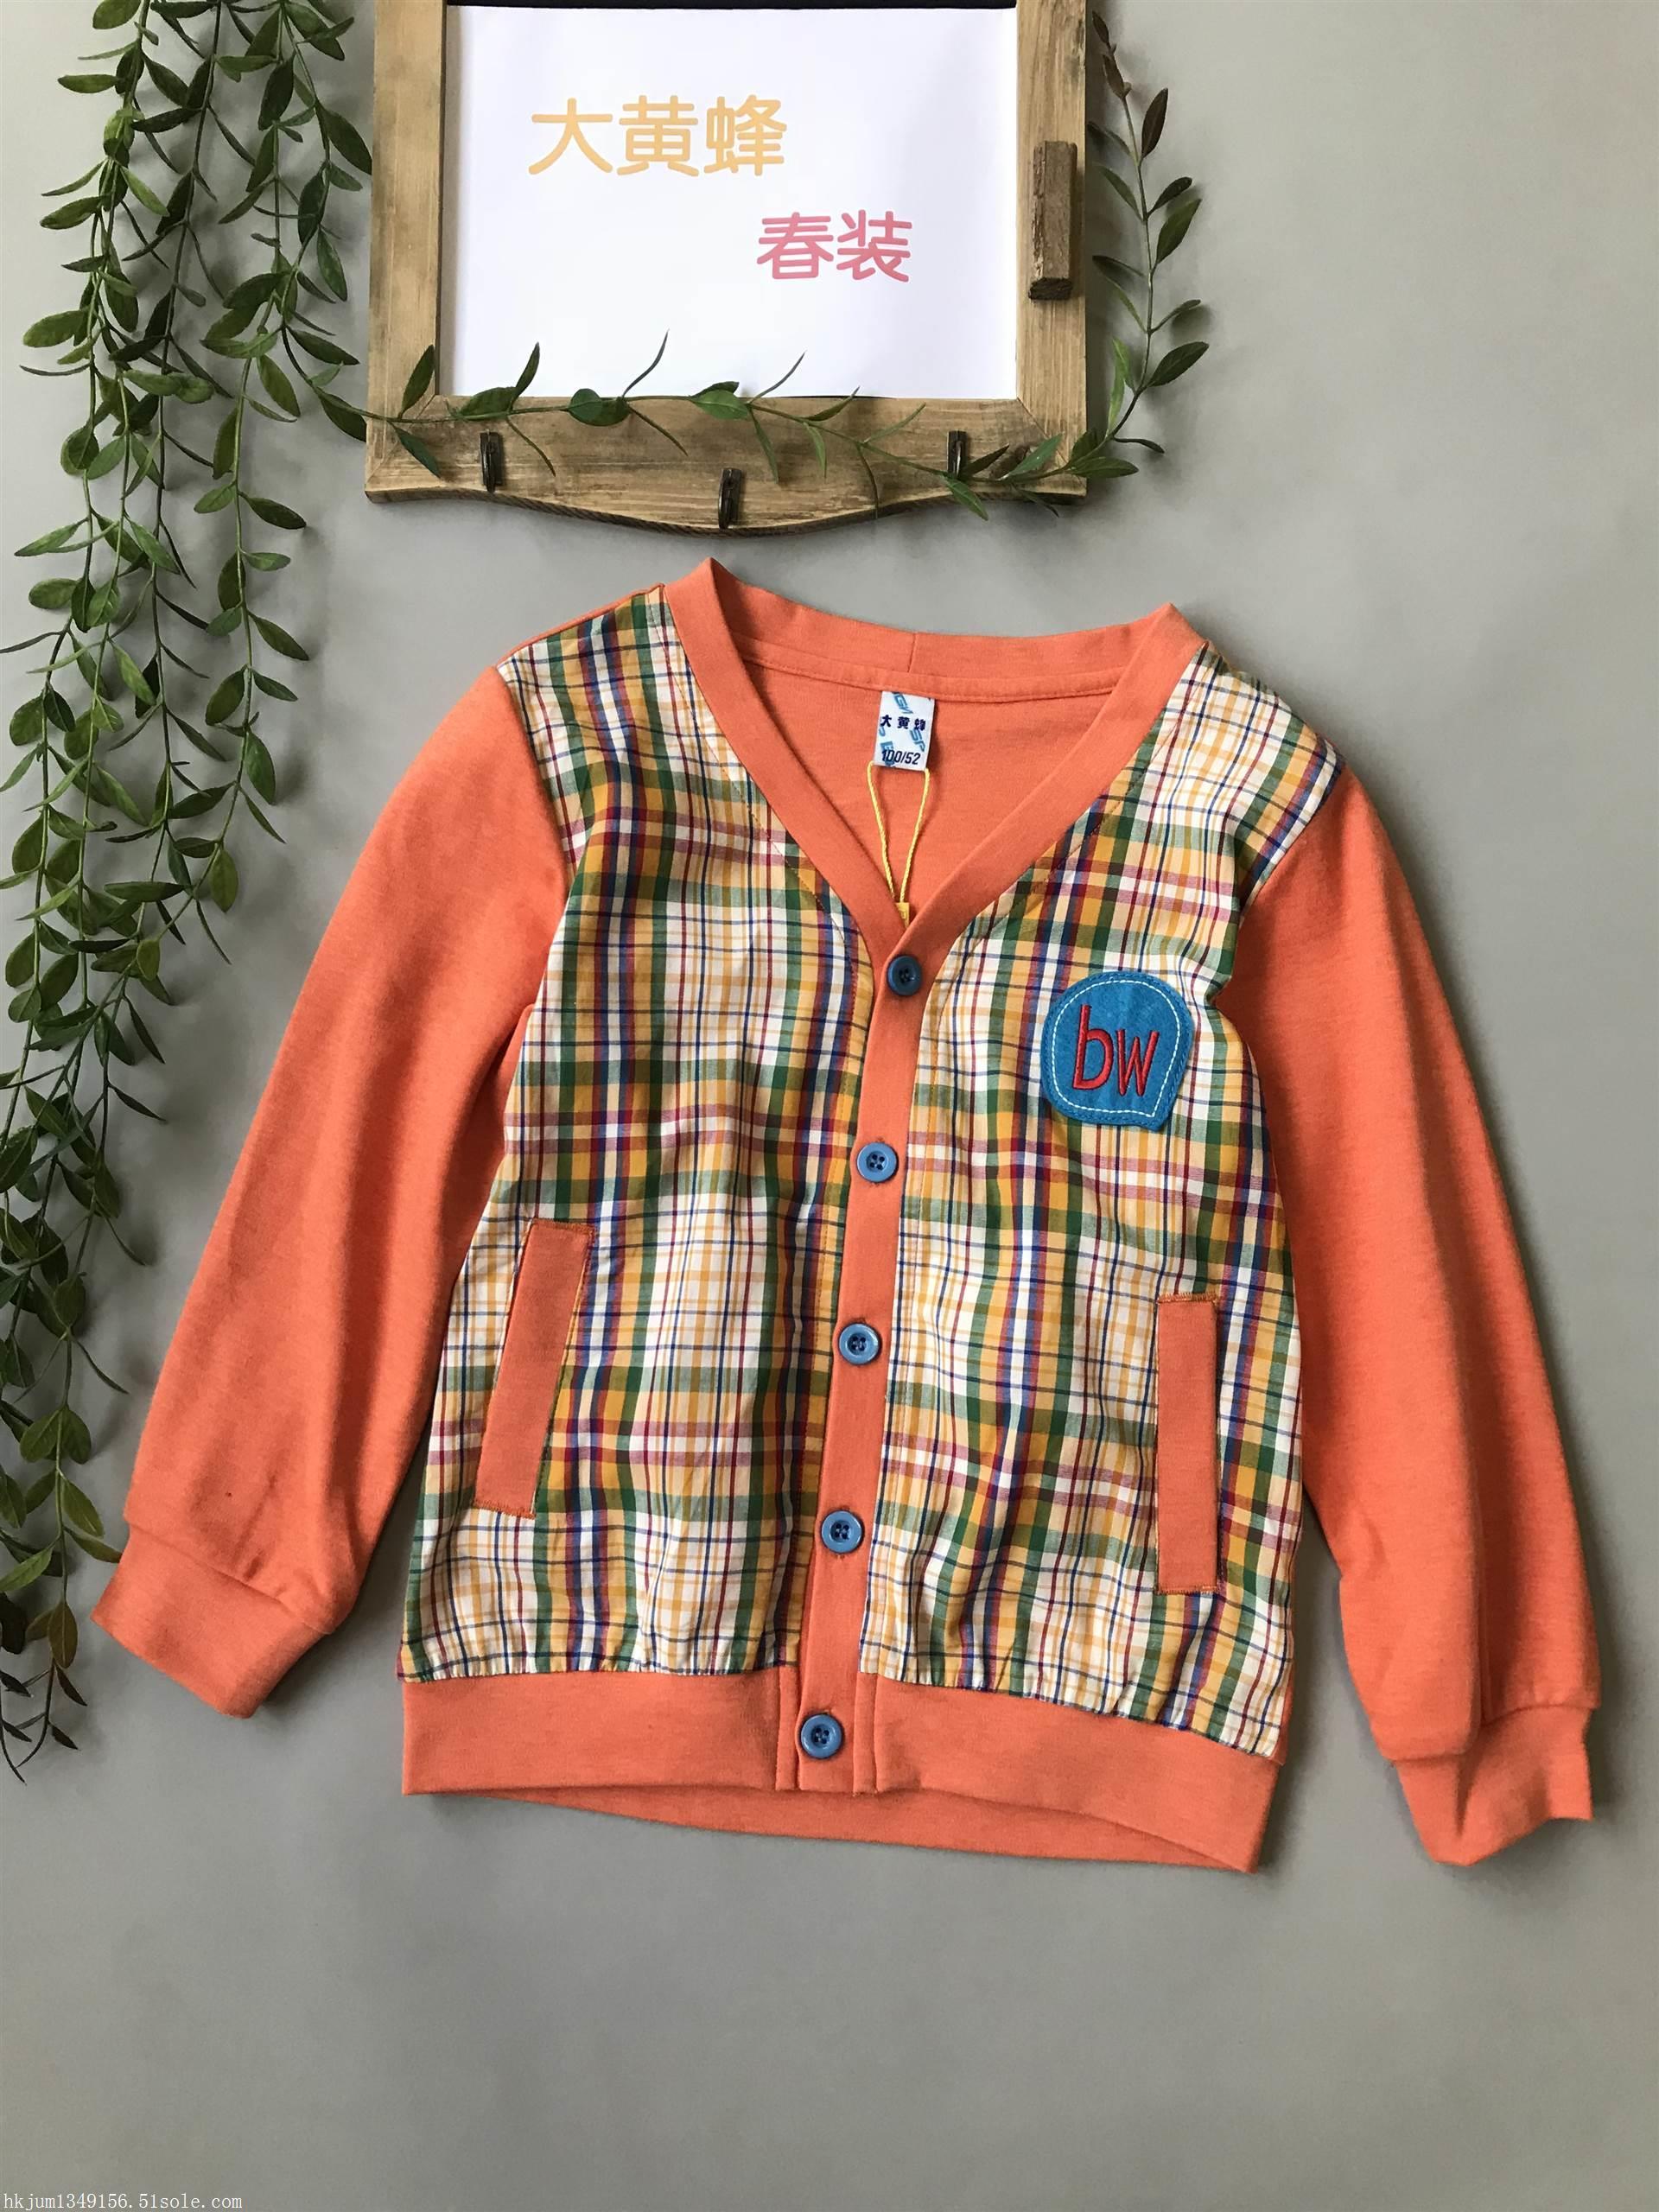 首页 服装 童装婴幼儿服装 其他童装 > 广州童装批发市场大黄蜂风衣